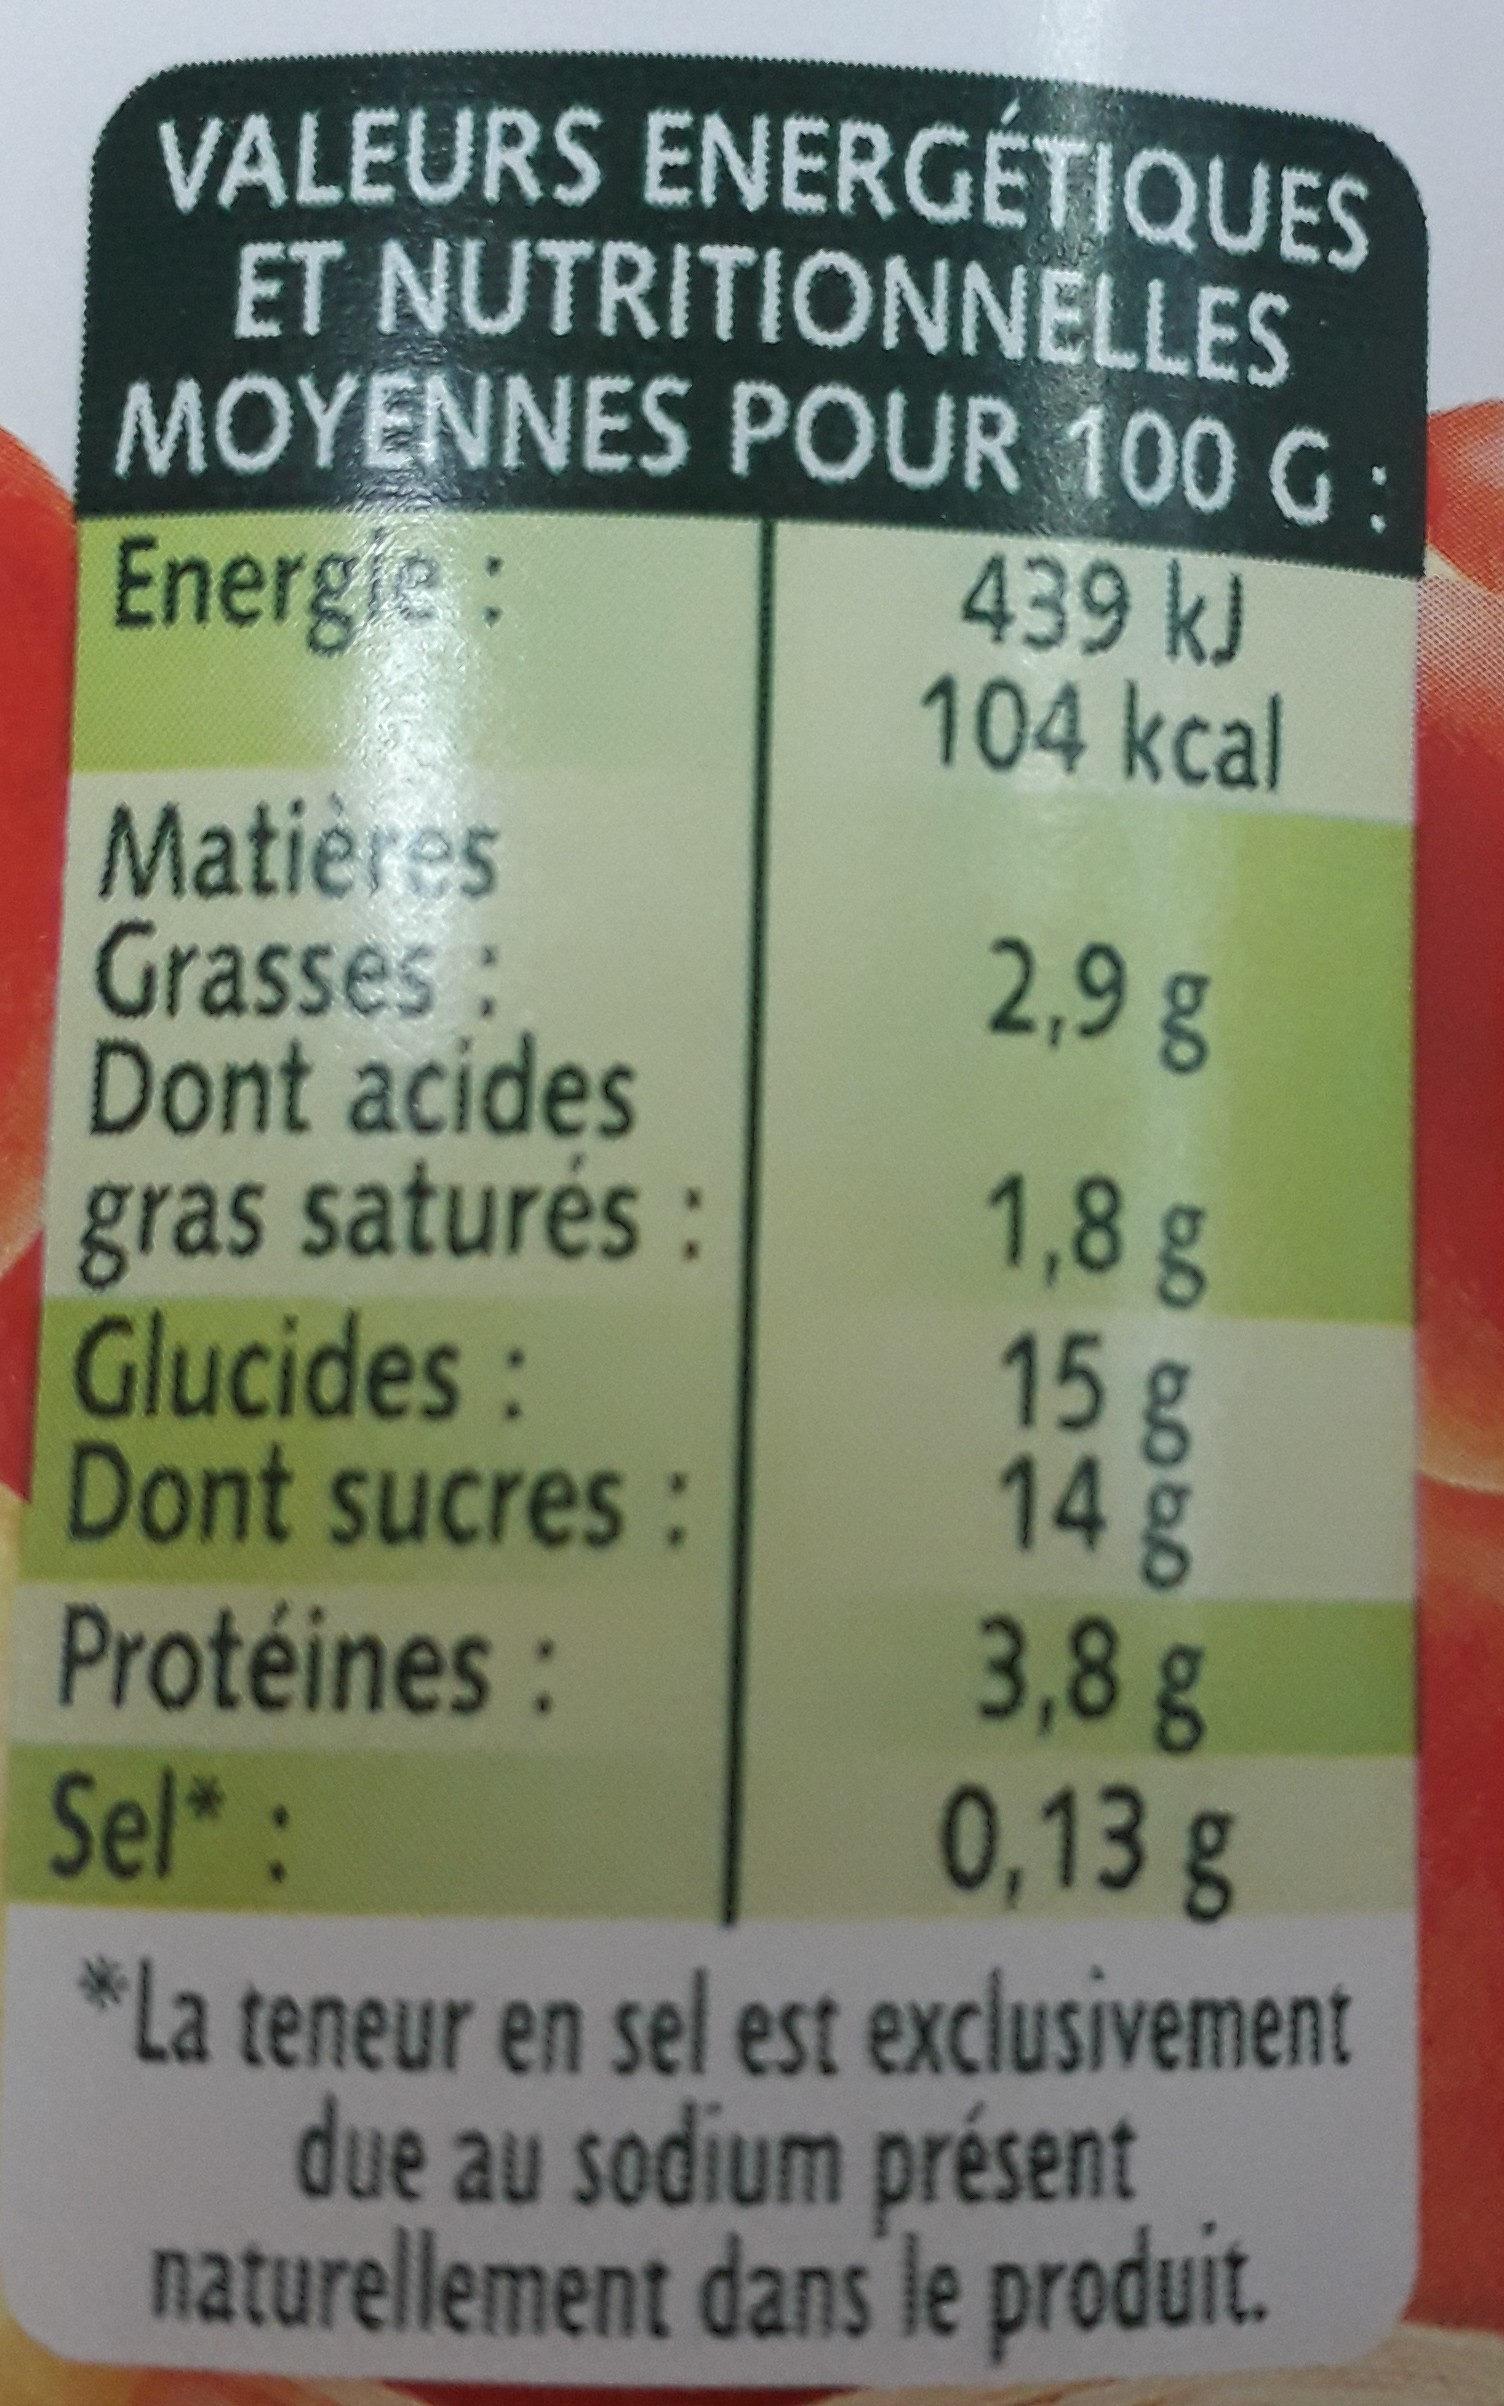 Panier de Yoplait pêche - Informations nutritionnelles - fr